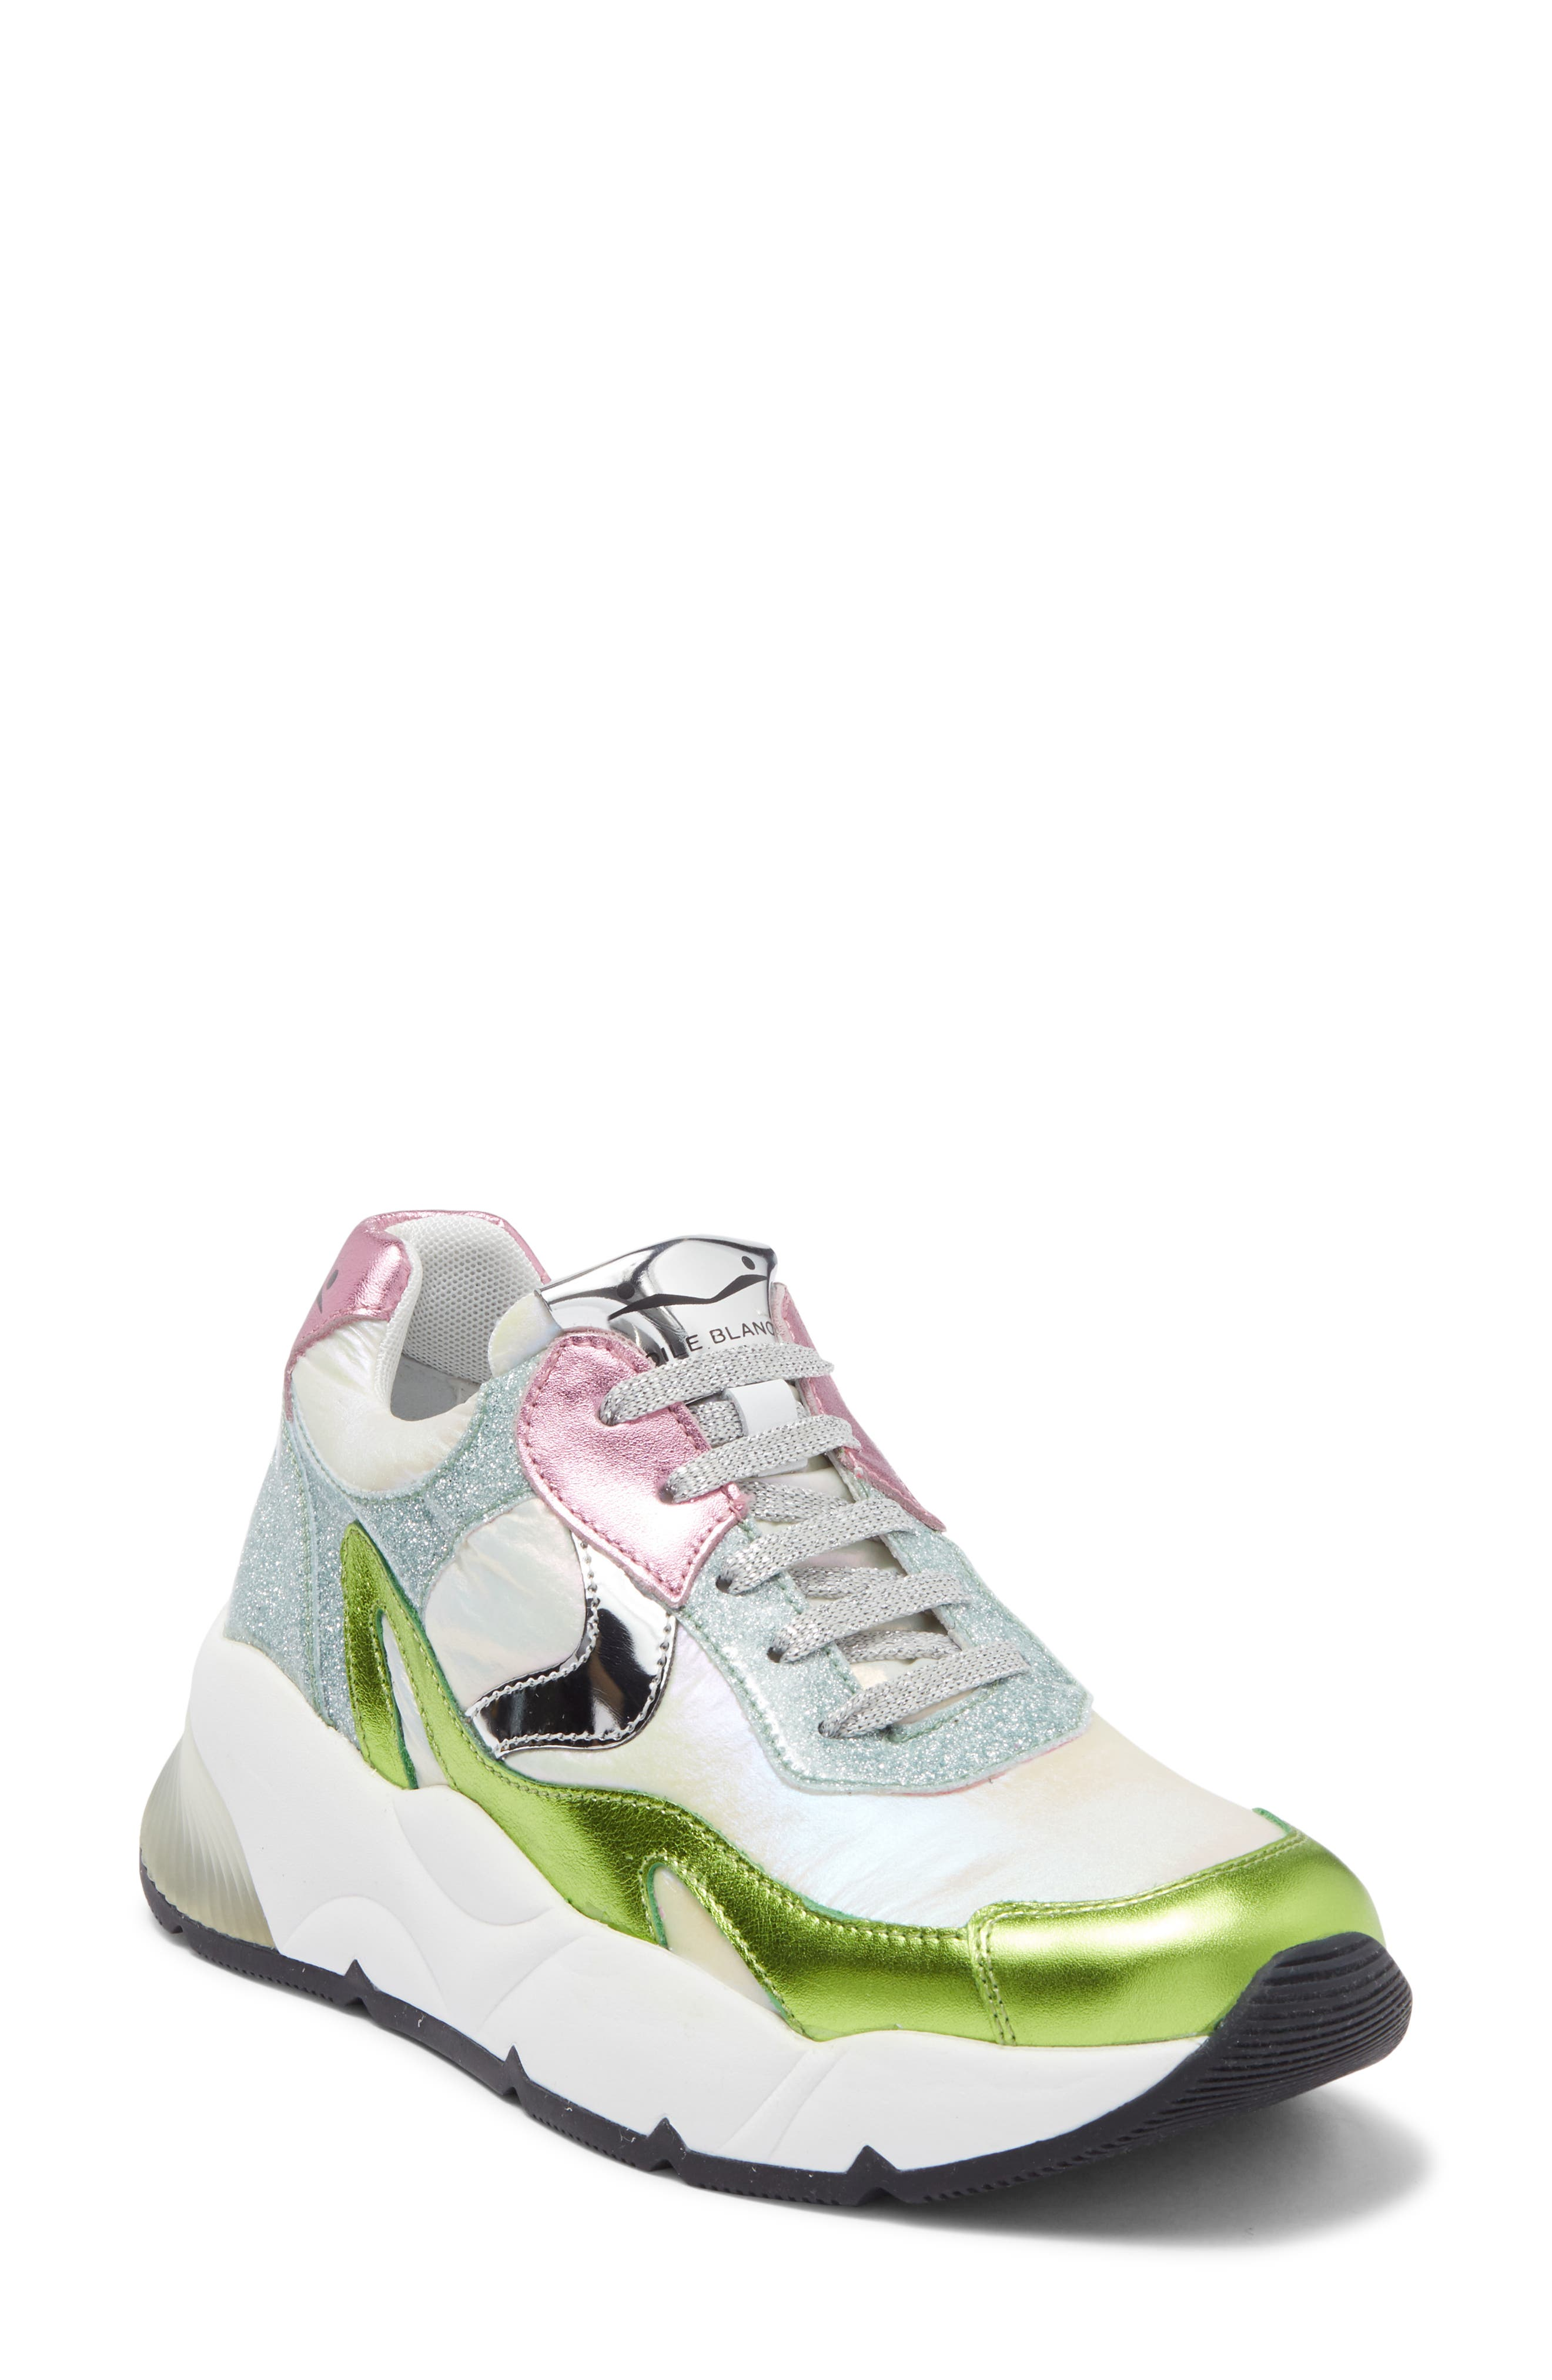 Image of Viola Blanche Dumbil Metallic Sneaker